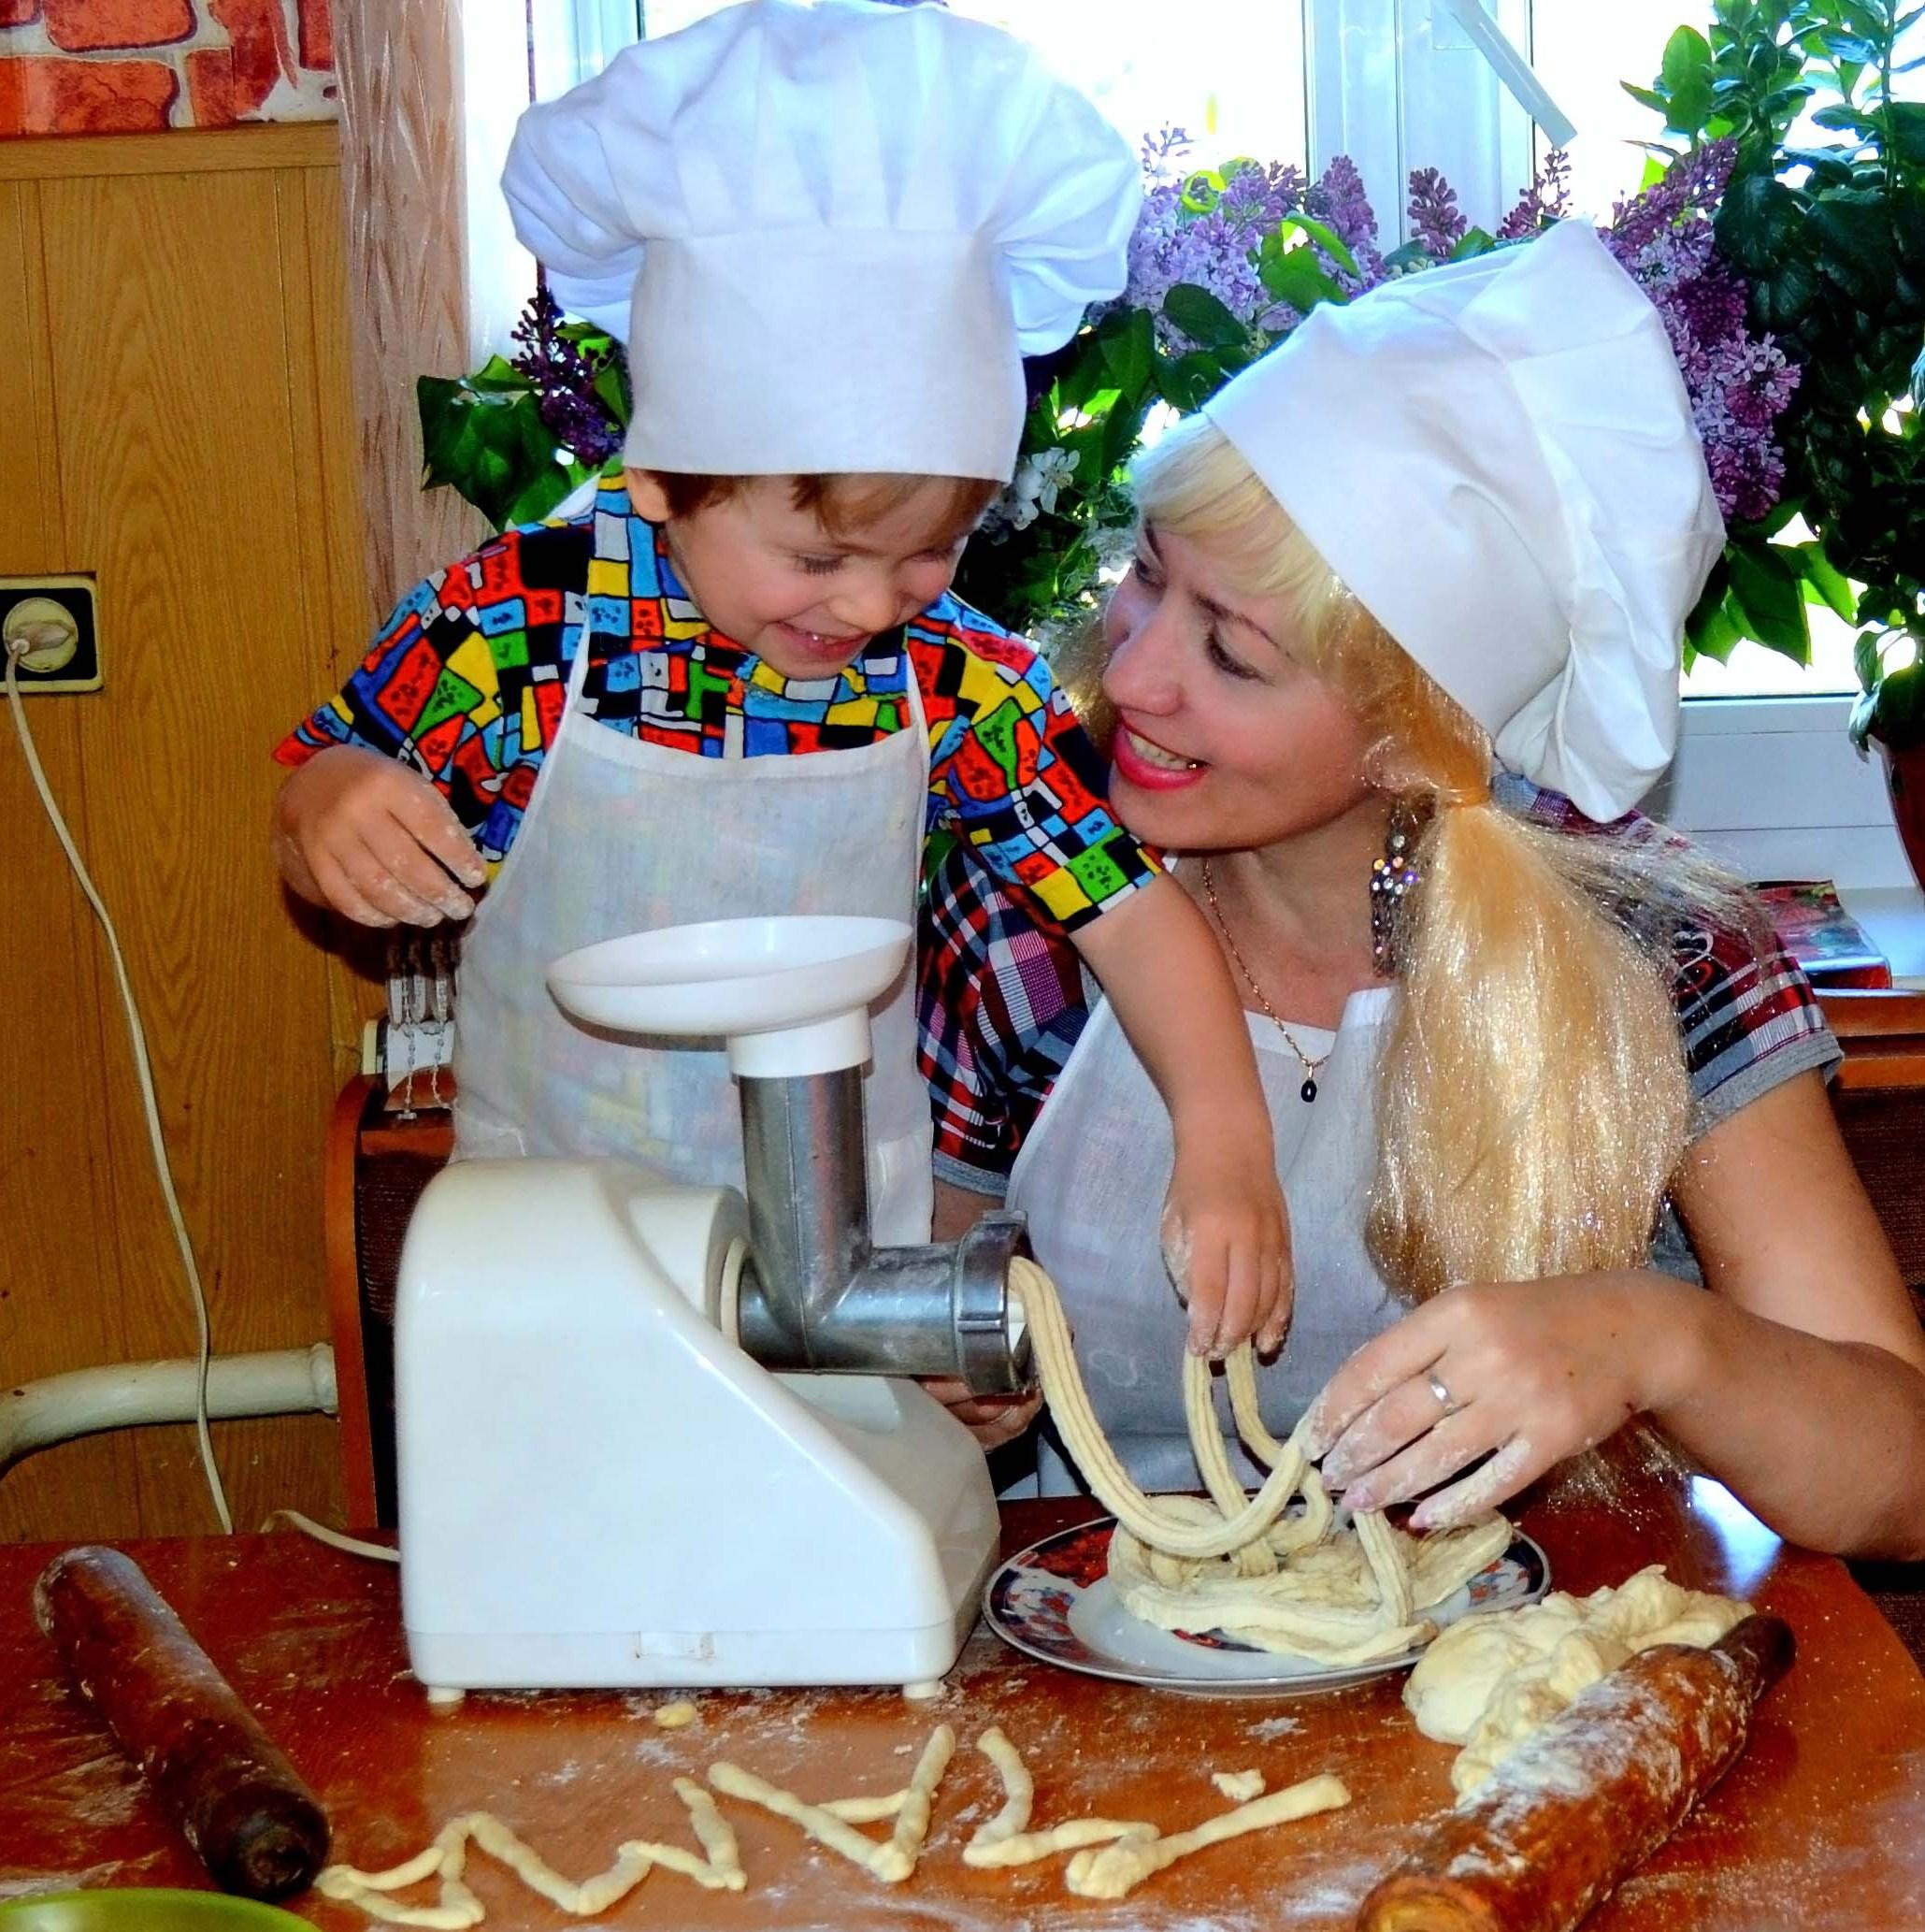 Мама - ты уменя никогда не будешь голодной!!!!. Юные кулинары